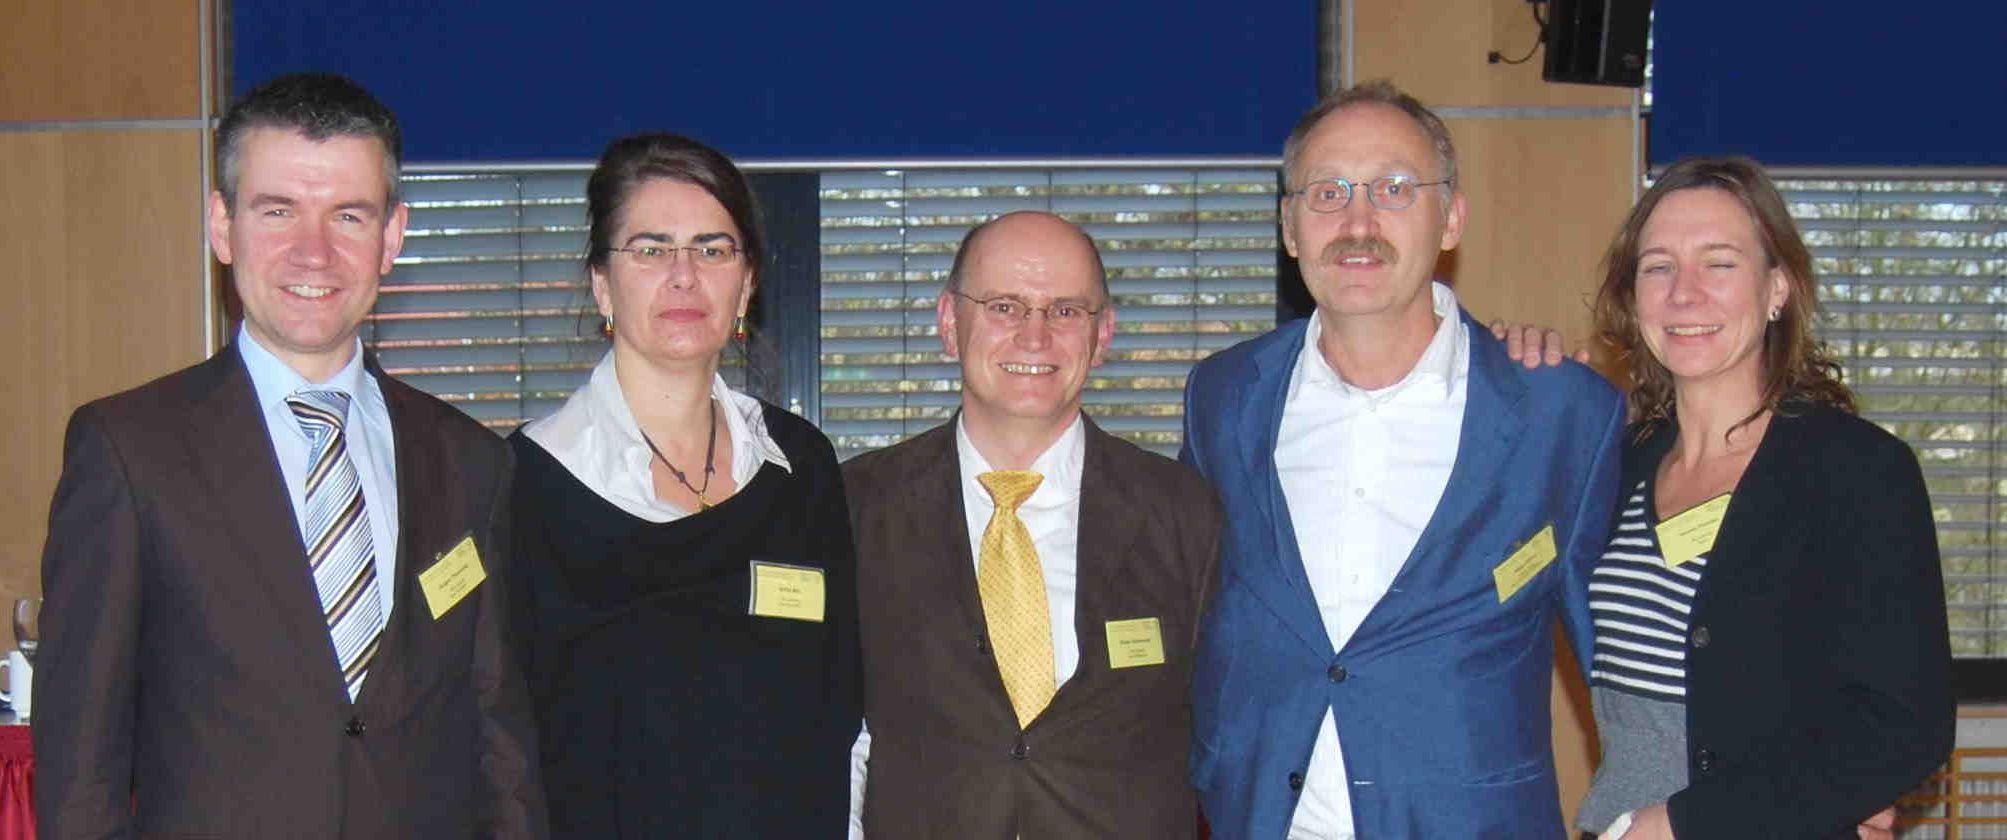 AK-Leitung 2008